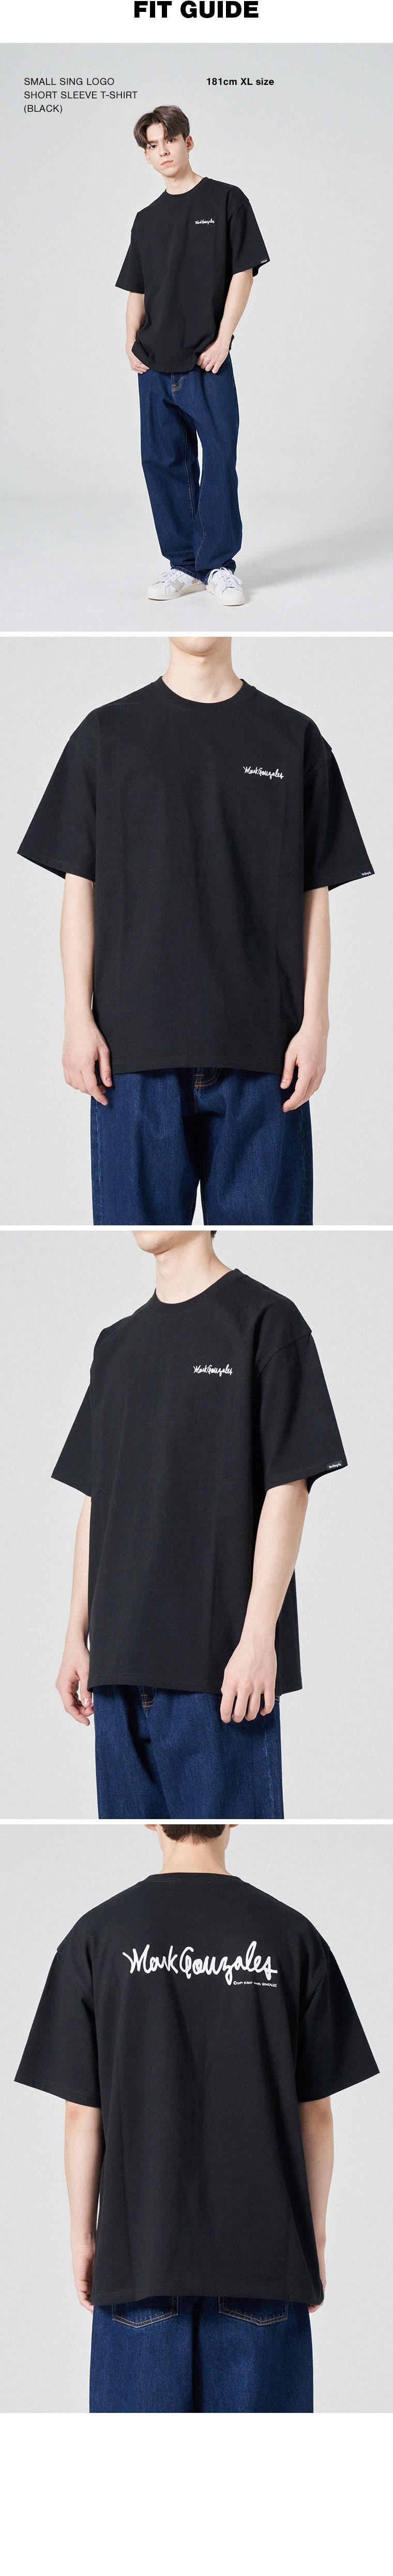 마크 곤잘레스(MARK GONZALES) 스몰 사인로고 반팔 티셔츠 블랙